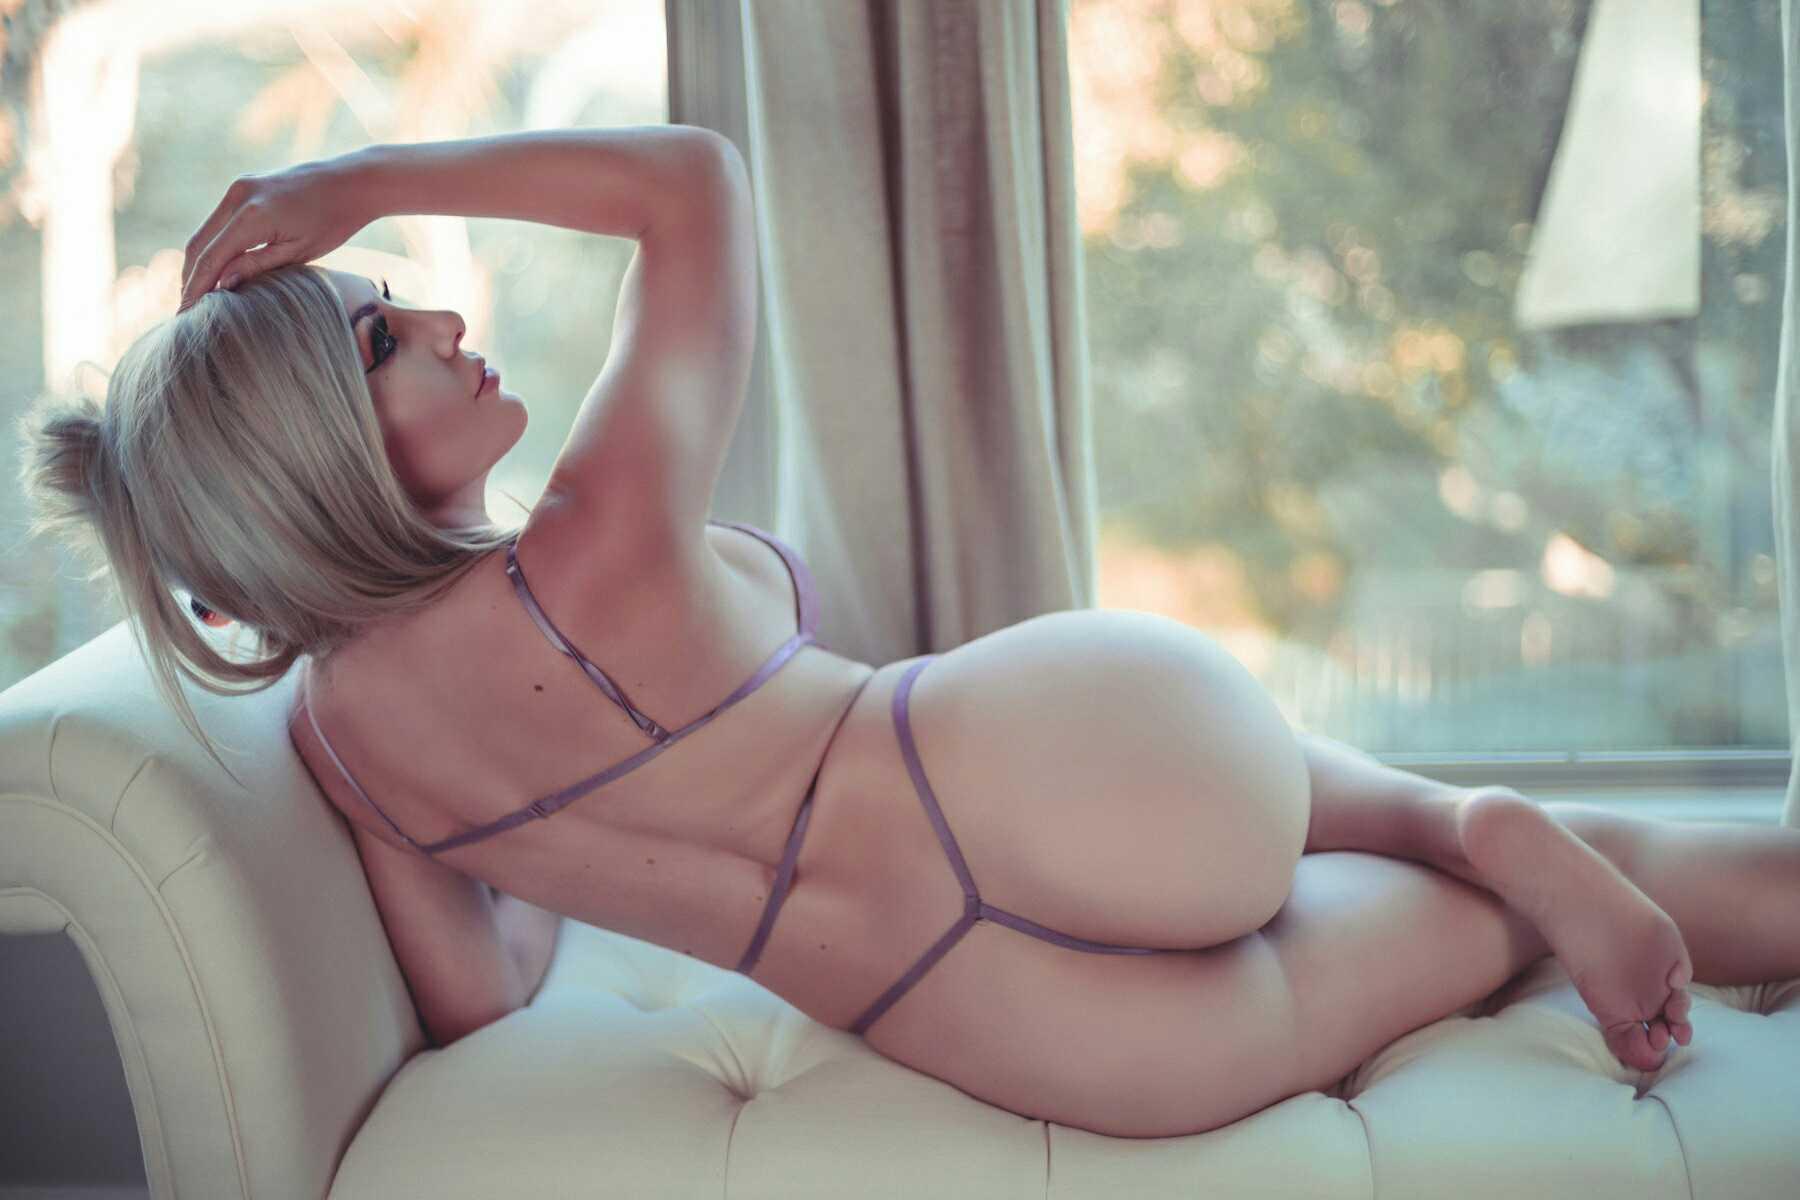 Jessica Nigri, Onlyfans Lavender Lingerie 0050